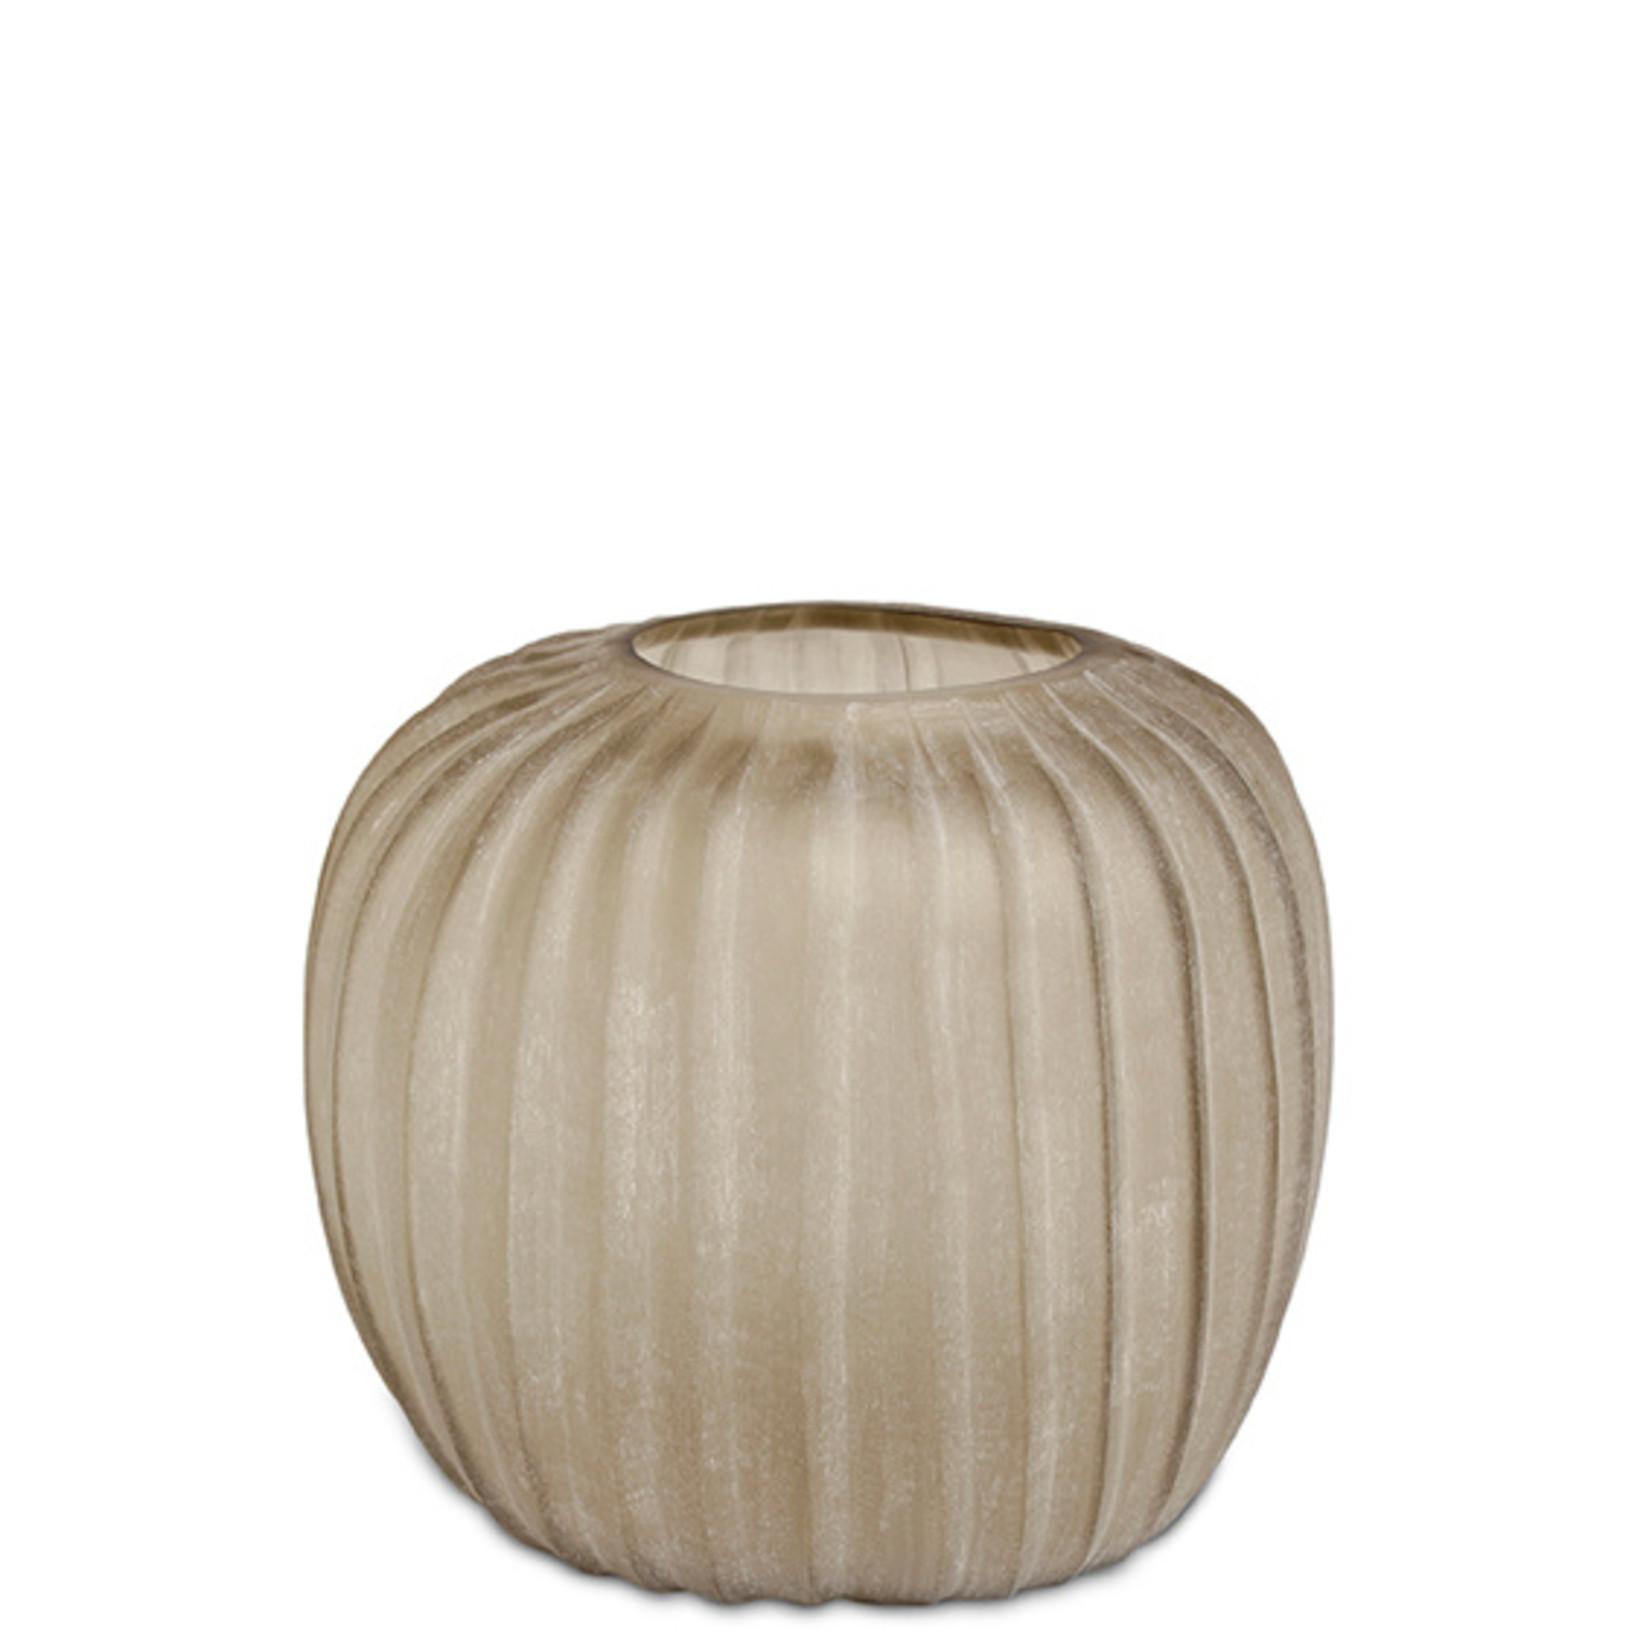 Guaxs Vase Manakara Round   Smokegrey